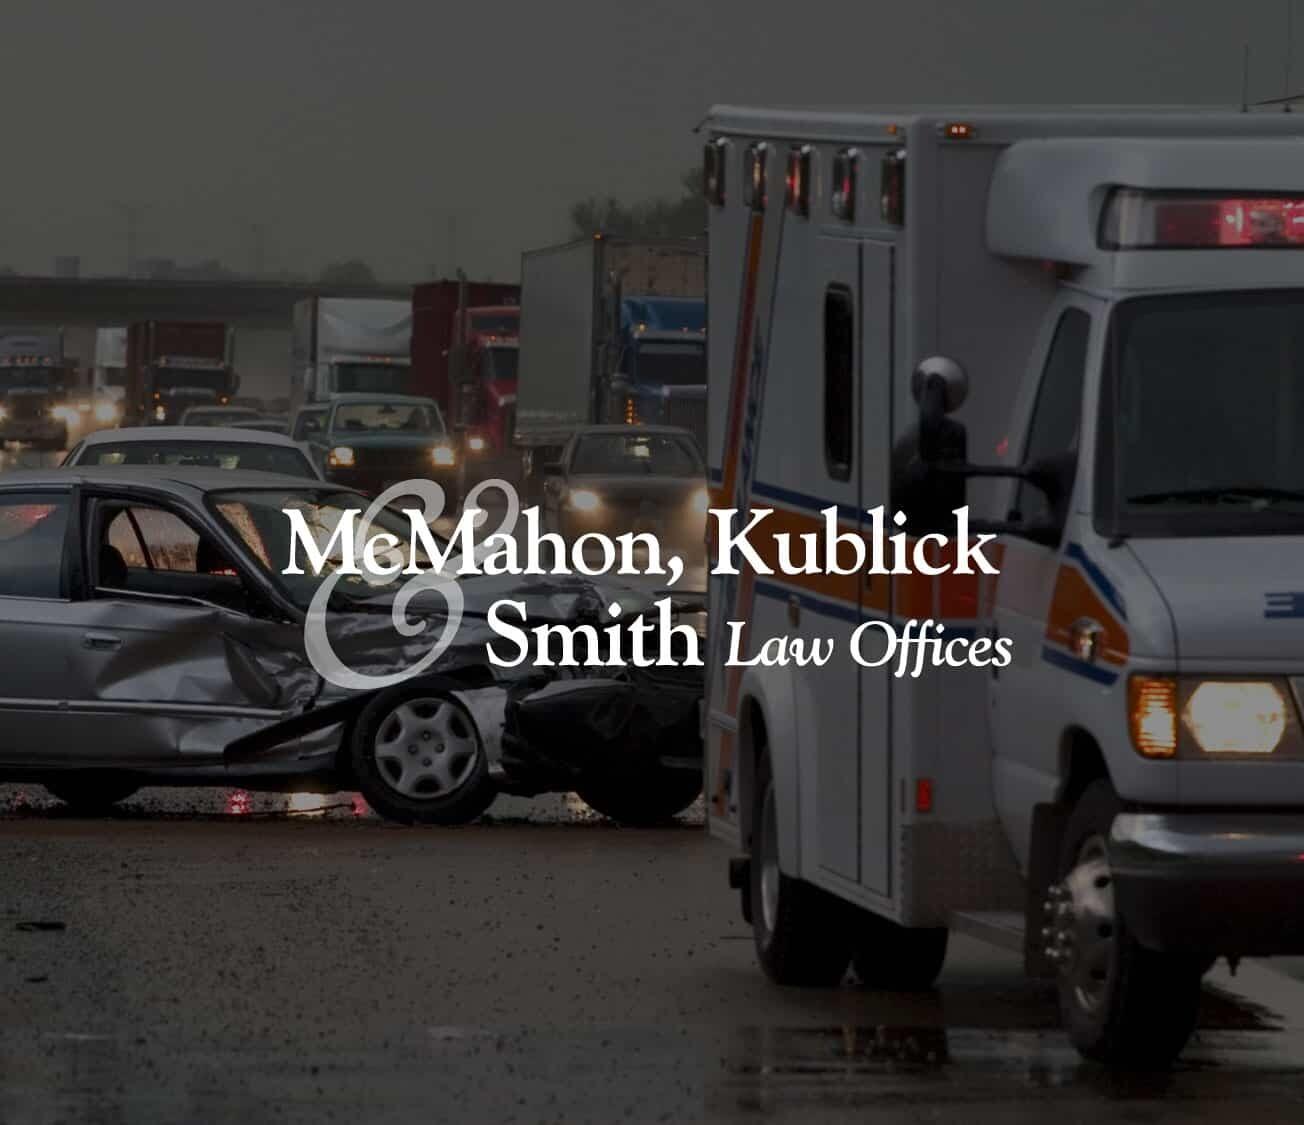 Syracuse Law Firm Web Design